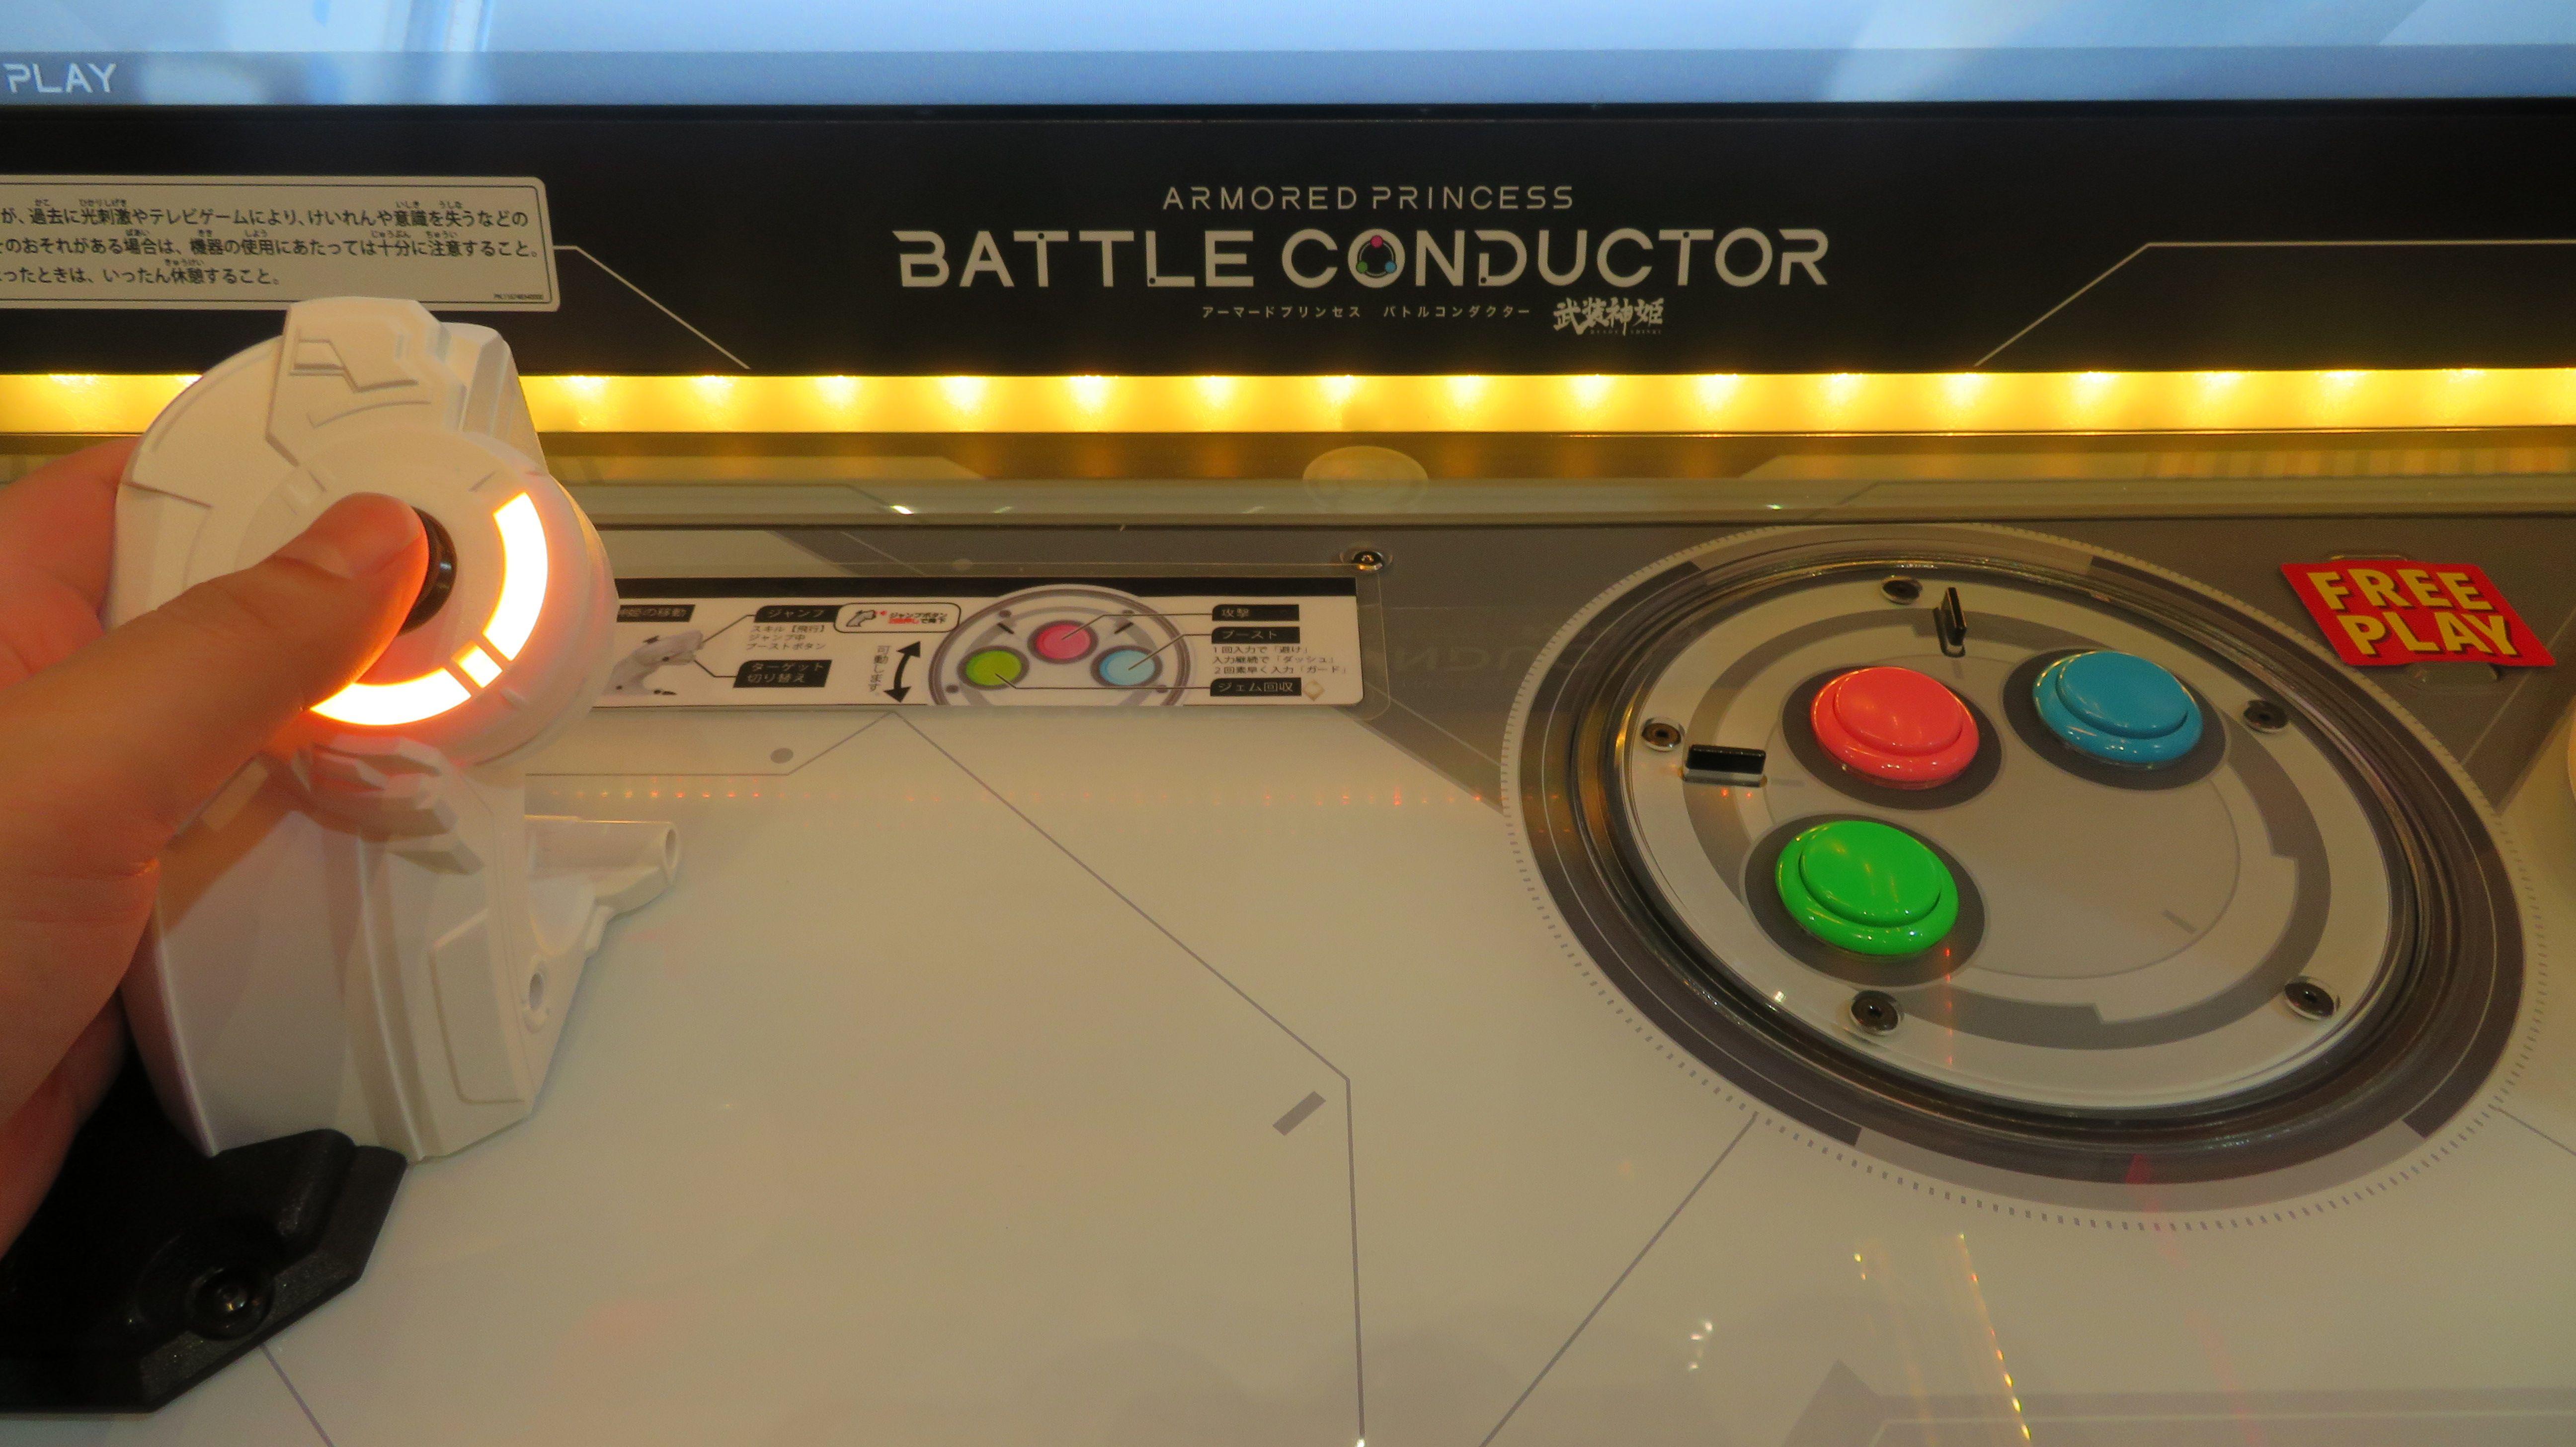 左手側にあるスティックを親指で操作して神姫を動かす。奥側には上下2個のボタンがあり、上ボタンを押すと神姫がジャンプし、下ボタンはターゲット切り替え時に使用する